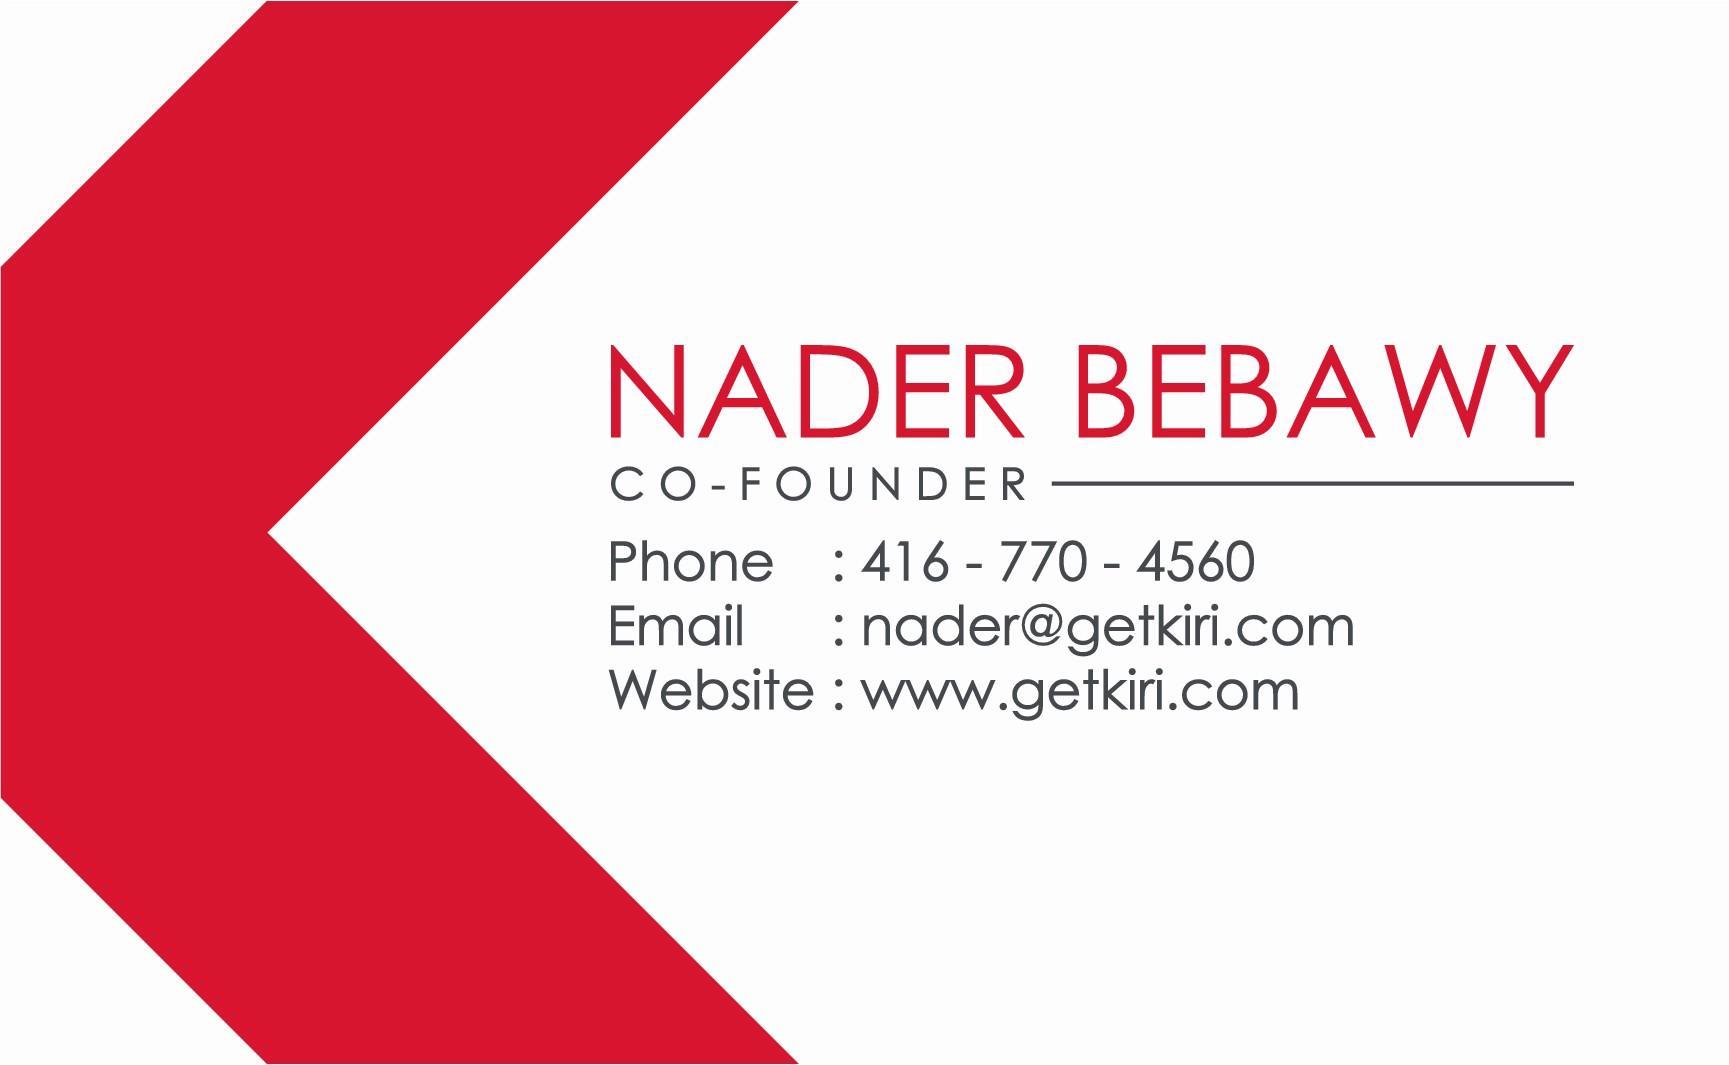 Kiri Business Card Design